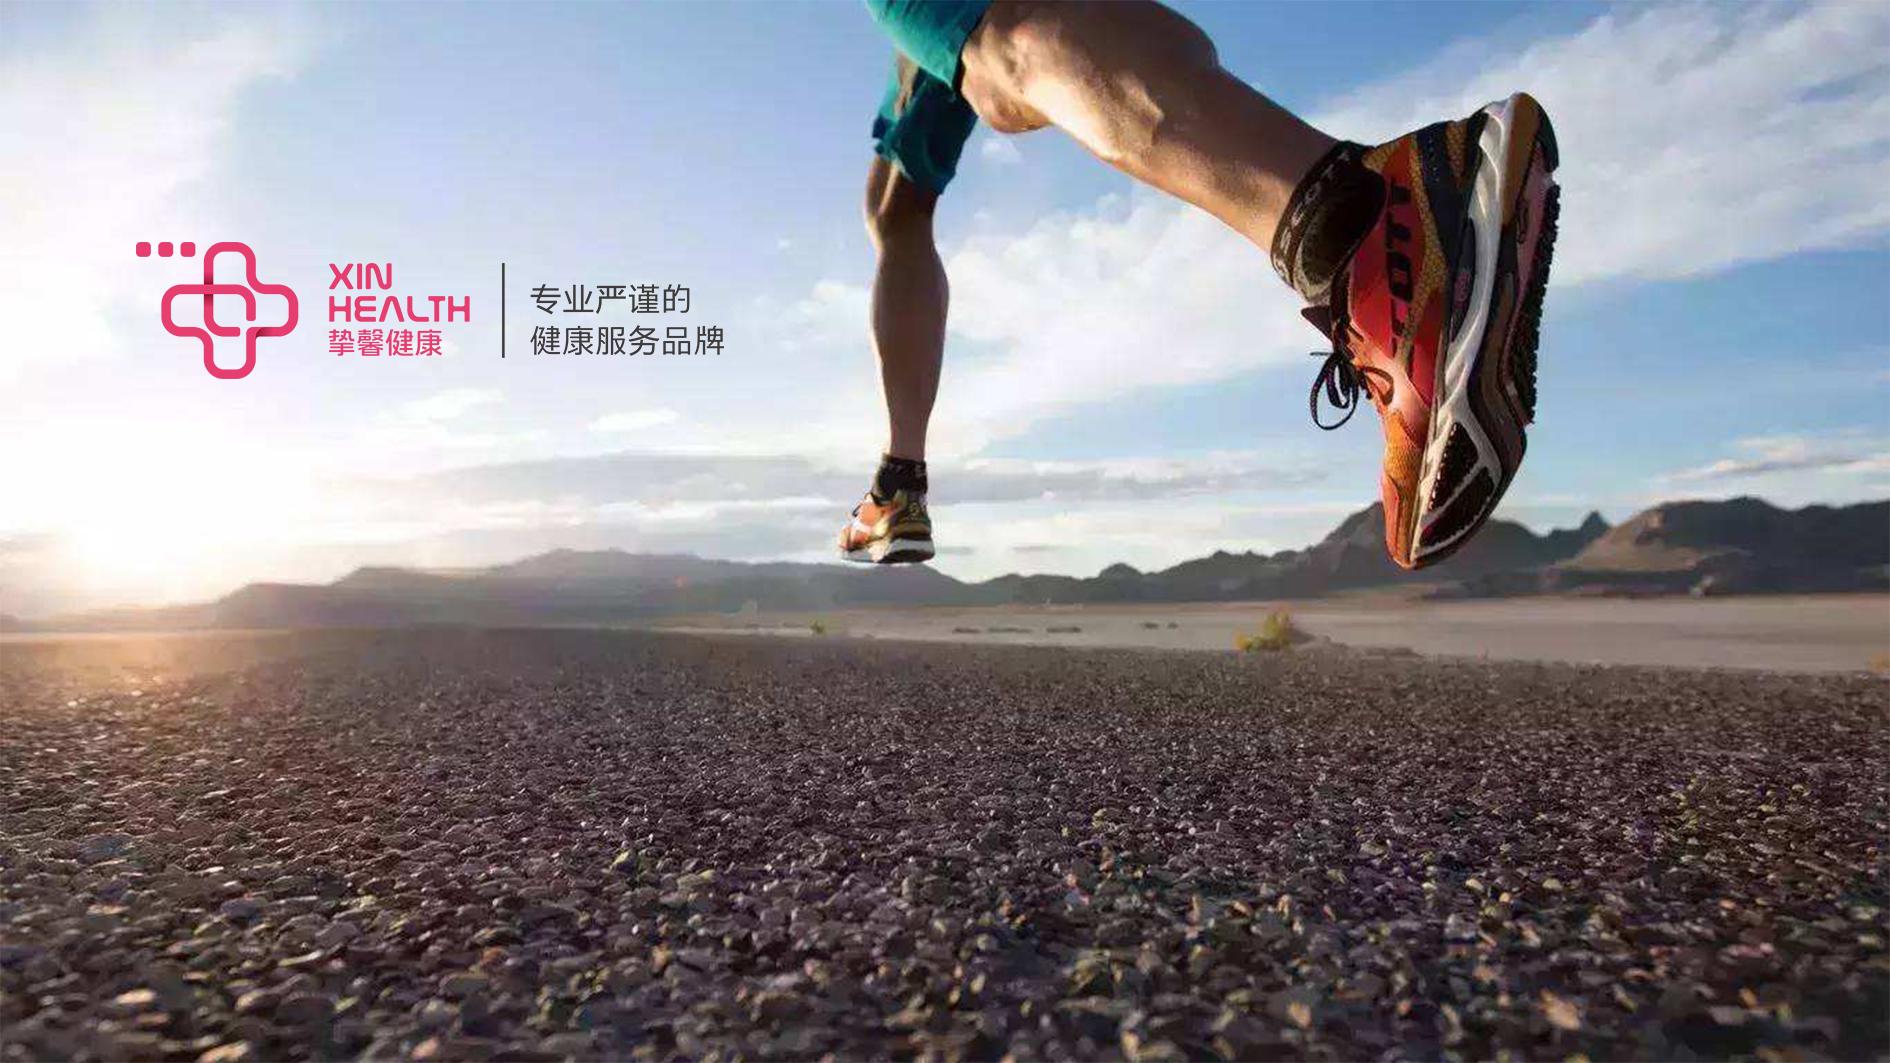 锻炼是最好的健康方式